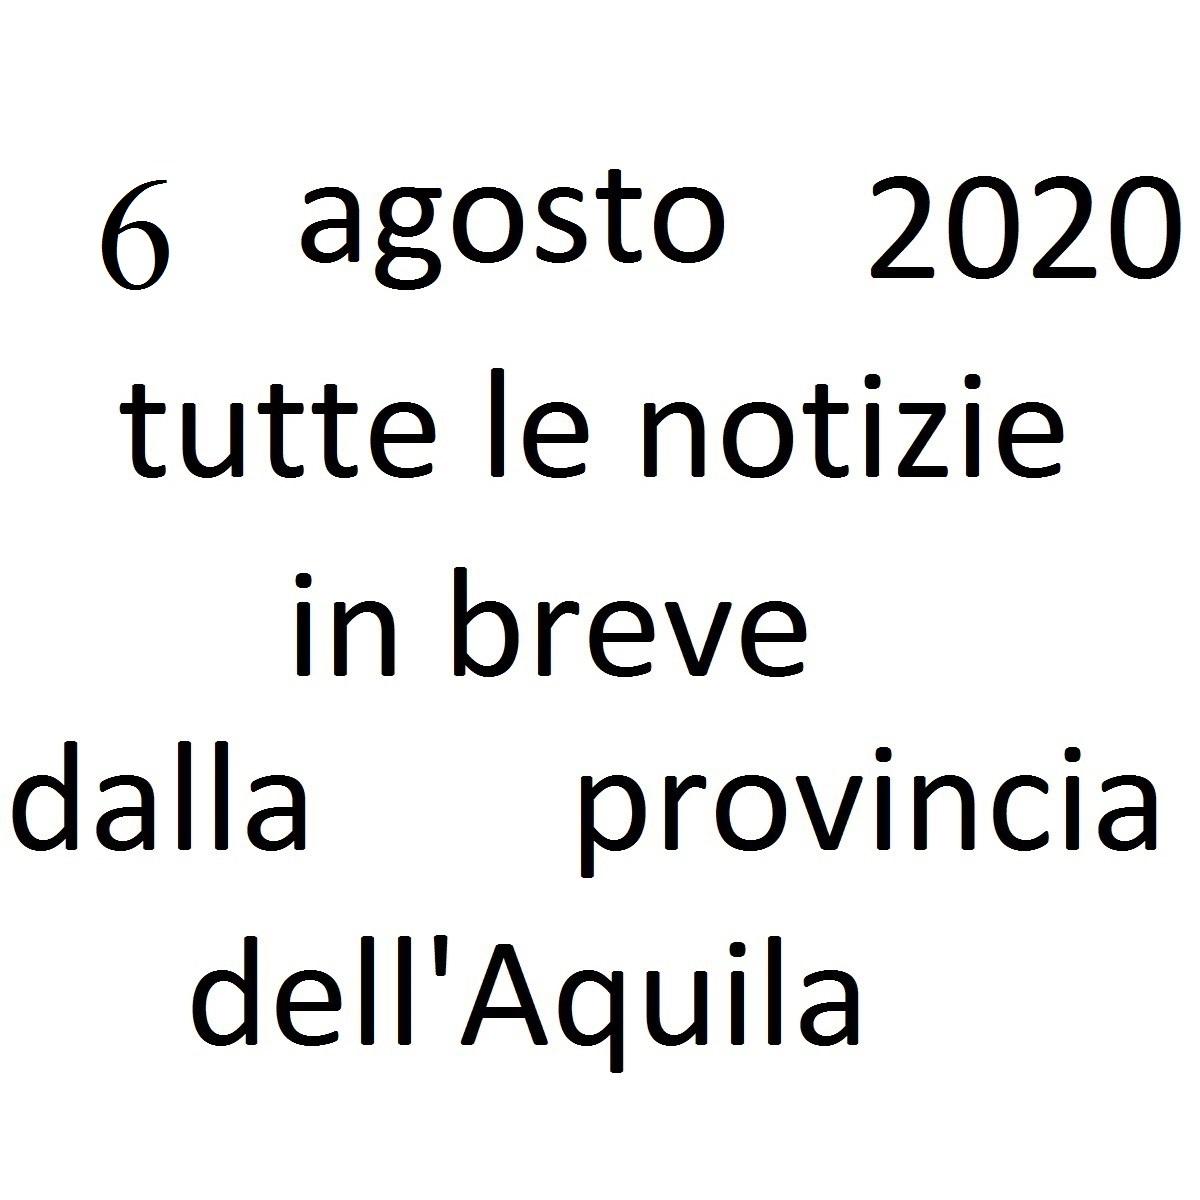 6 agosto 2020 notizie in breve dalla Provincia dell'Aquila foto